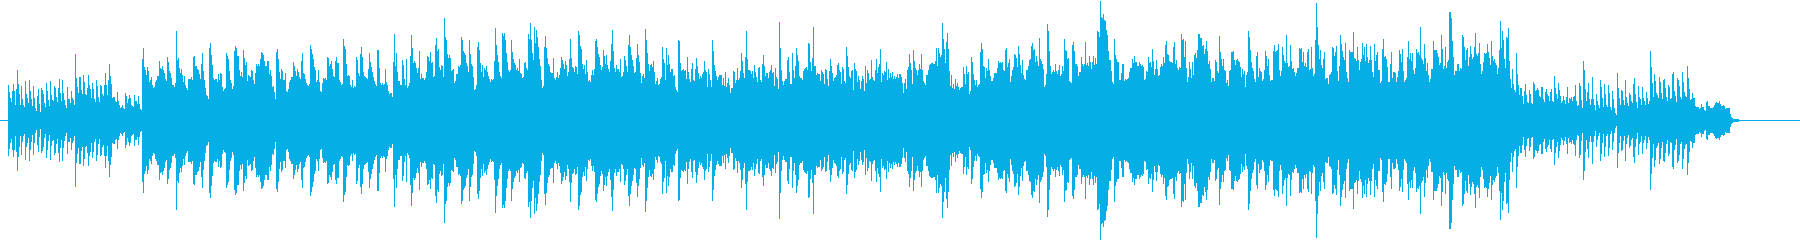 サックスとピアノがメインの感動的なBGMの再生済みの波形